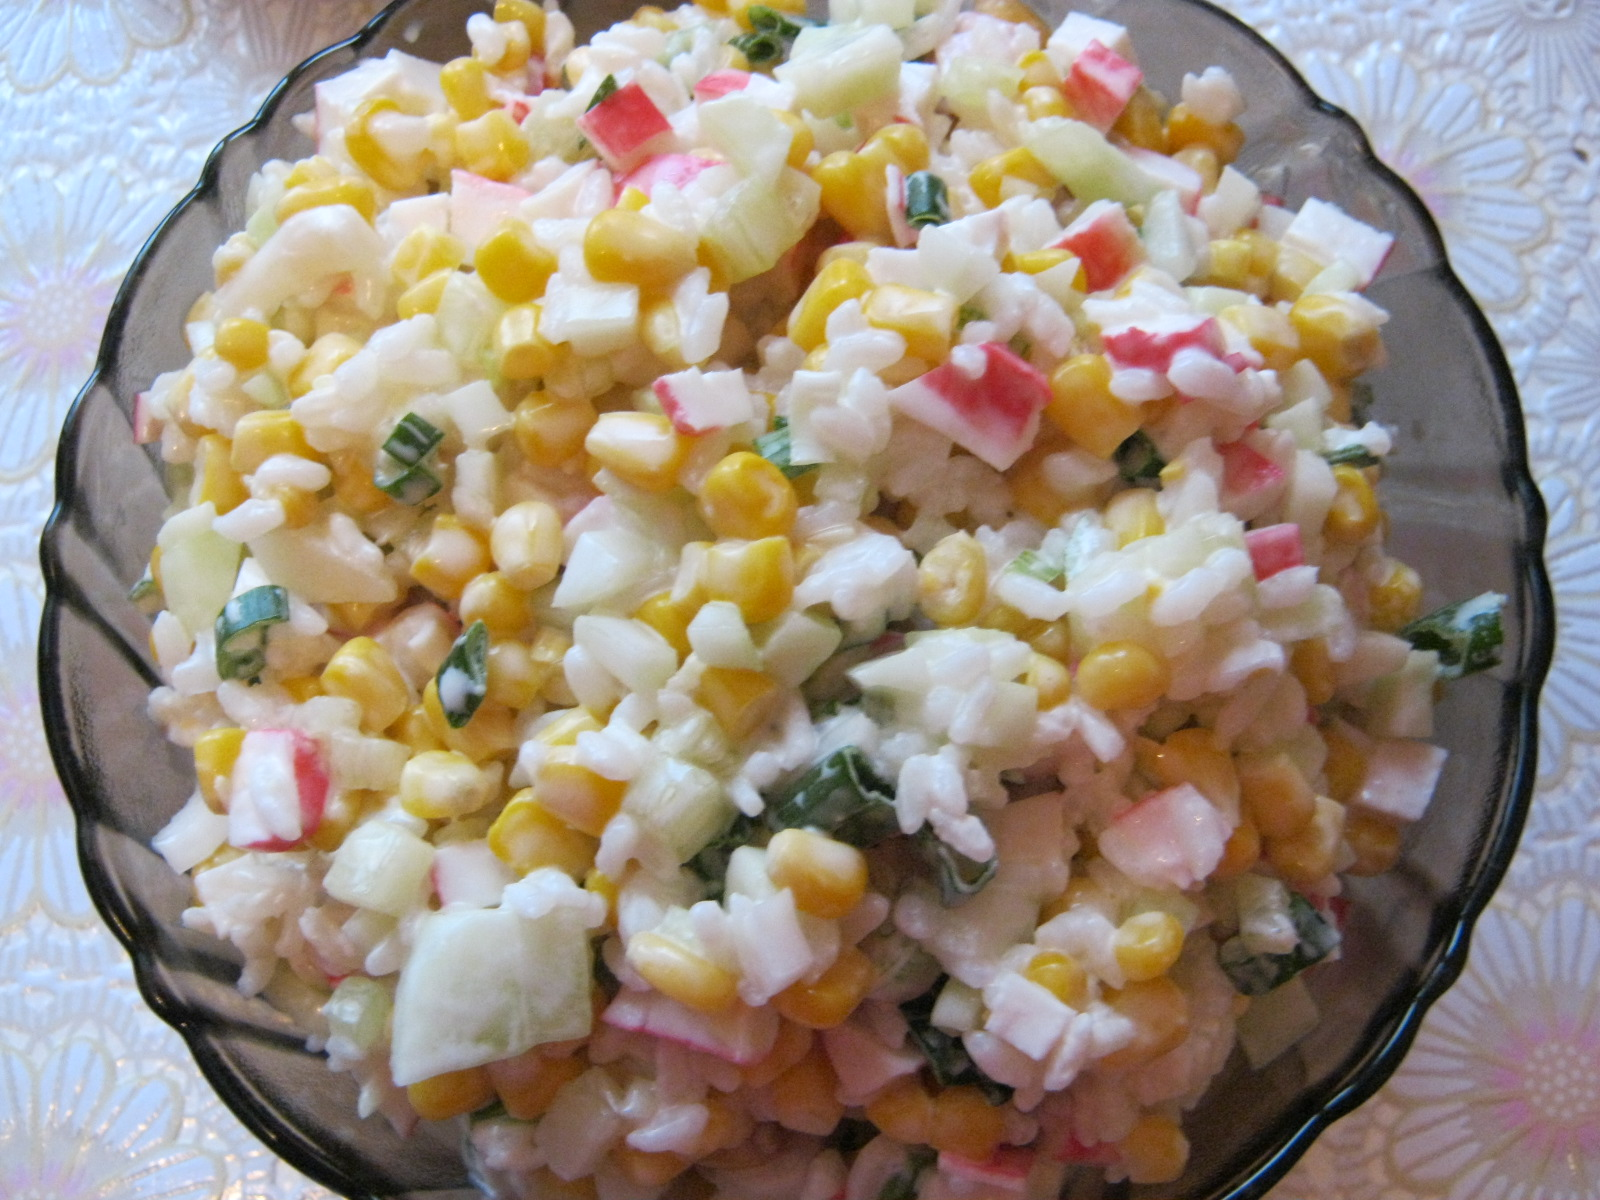 Диетический салат с крабовыми палочками: классический рецепт и низкокалорийные варианты без майонеза